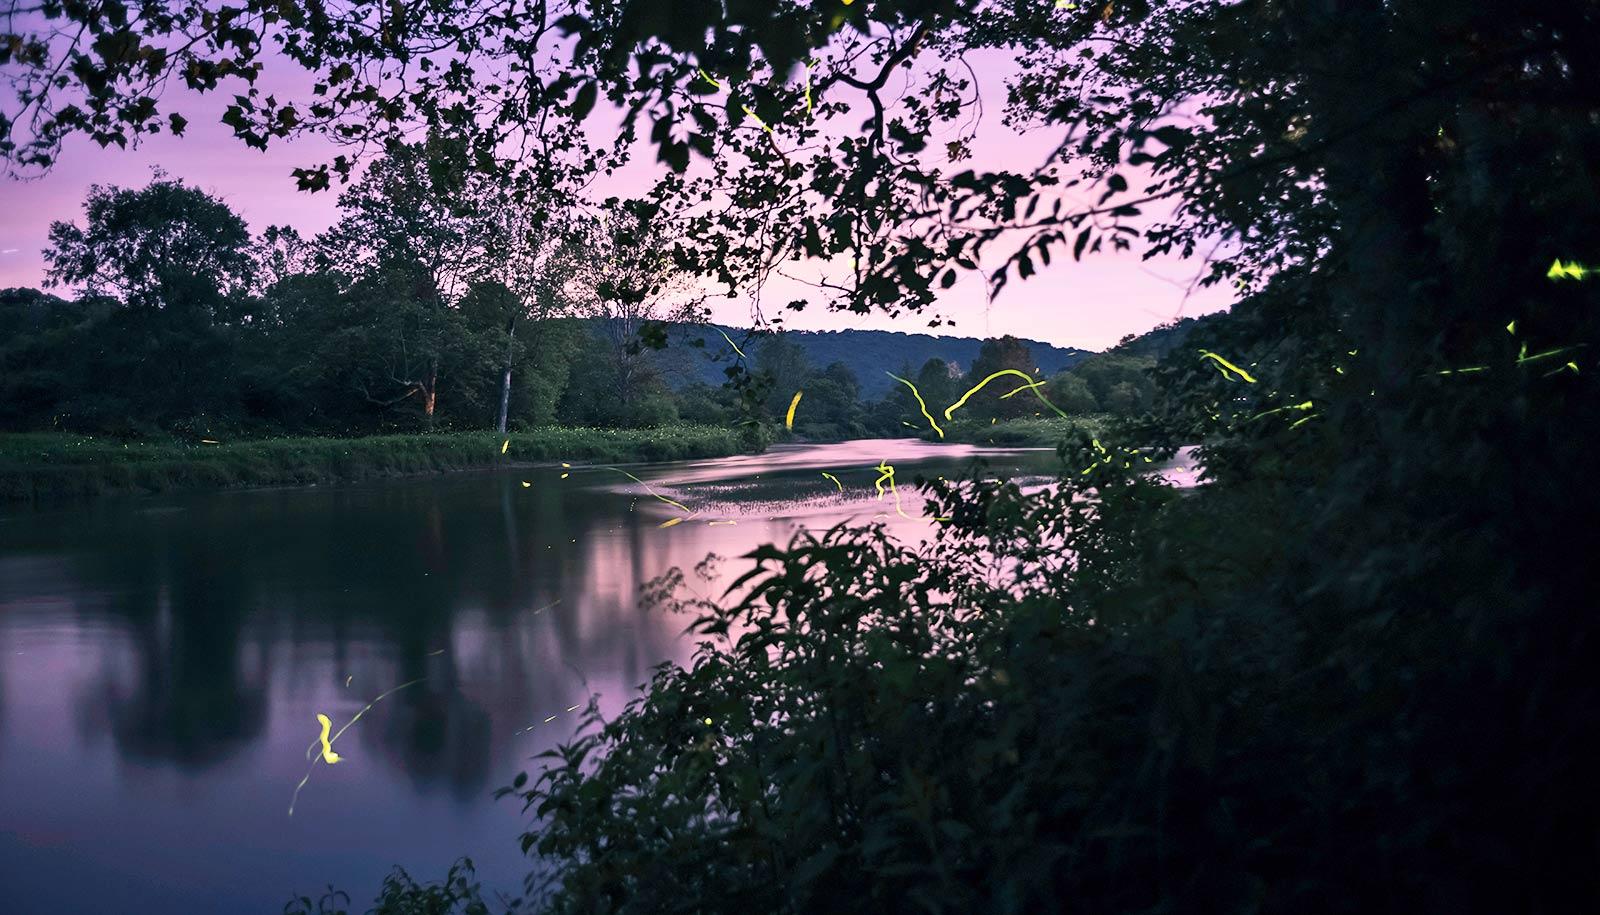 fireflies over water